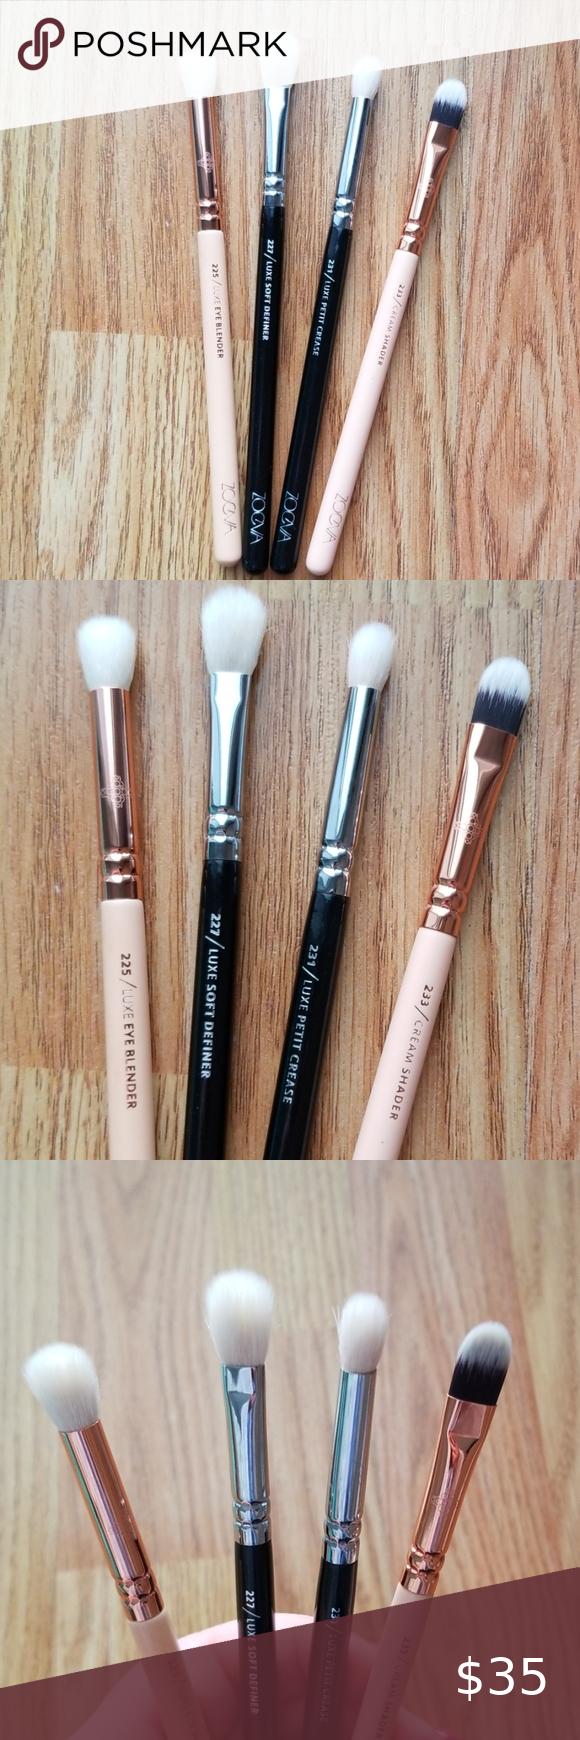 Zoeva Brushes 4 Pc NWT in 2020 Zoeva makeup brushes